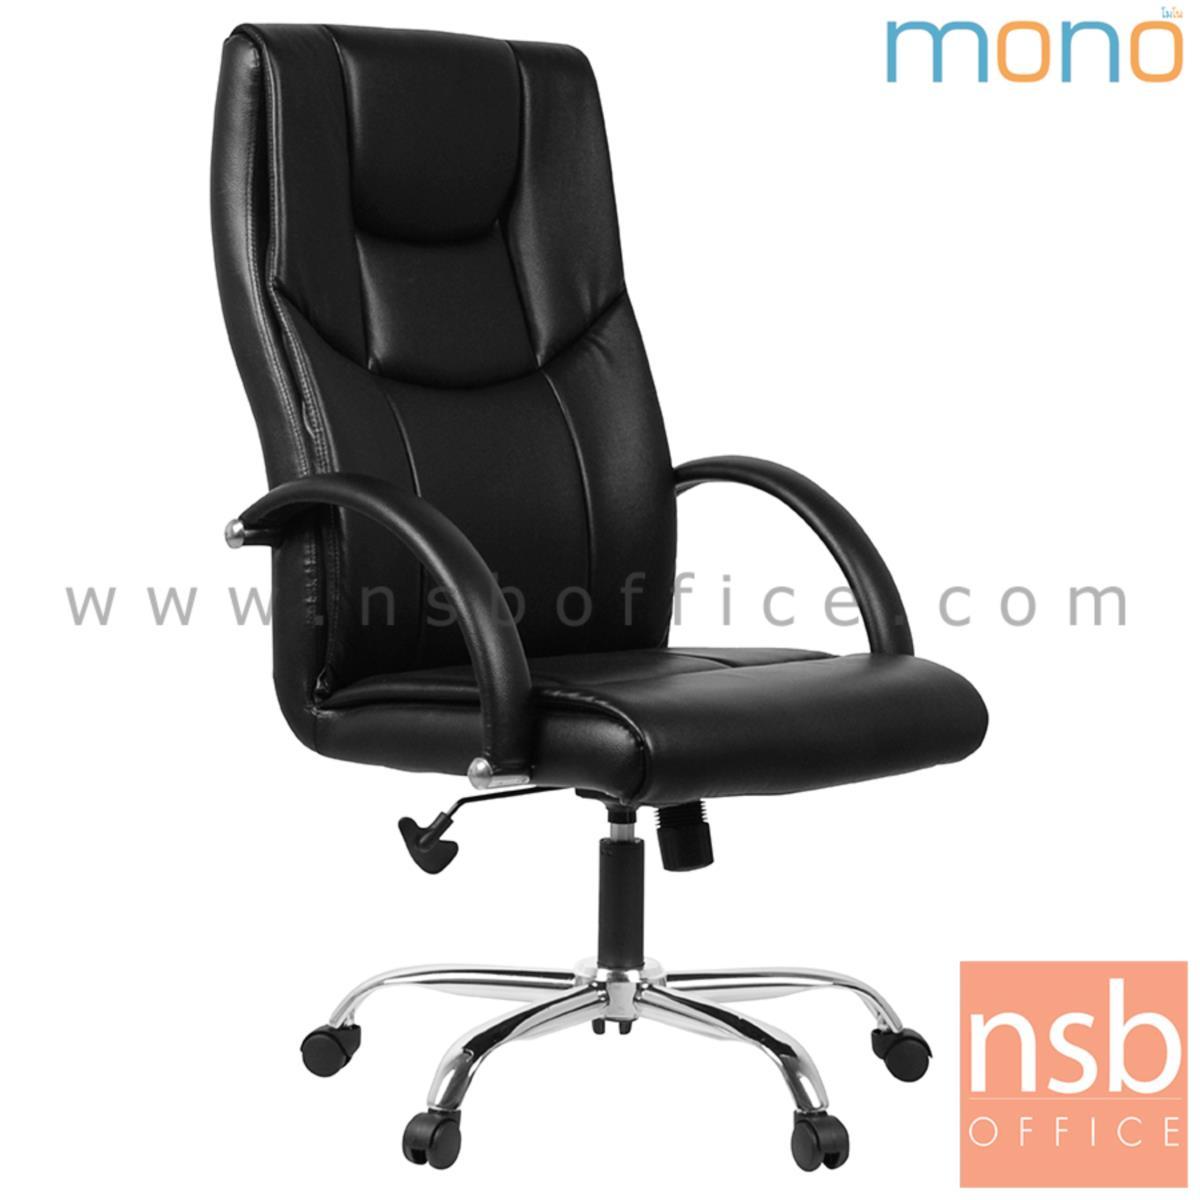 B01A508:เก้าอี้ผู้บริหาร รุ่น DINO (ดิโน่) ขนาด 67W cm. โช๊คแก๊ส ก้อนโยก ขาเหล็กชุบโครเมี่ยม